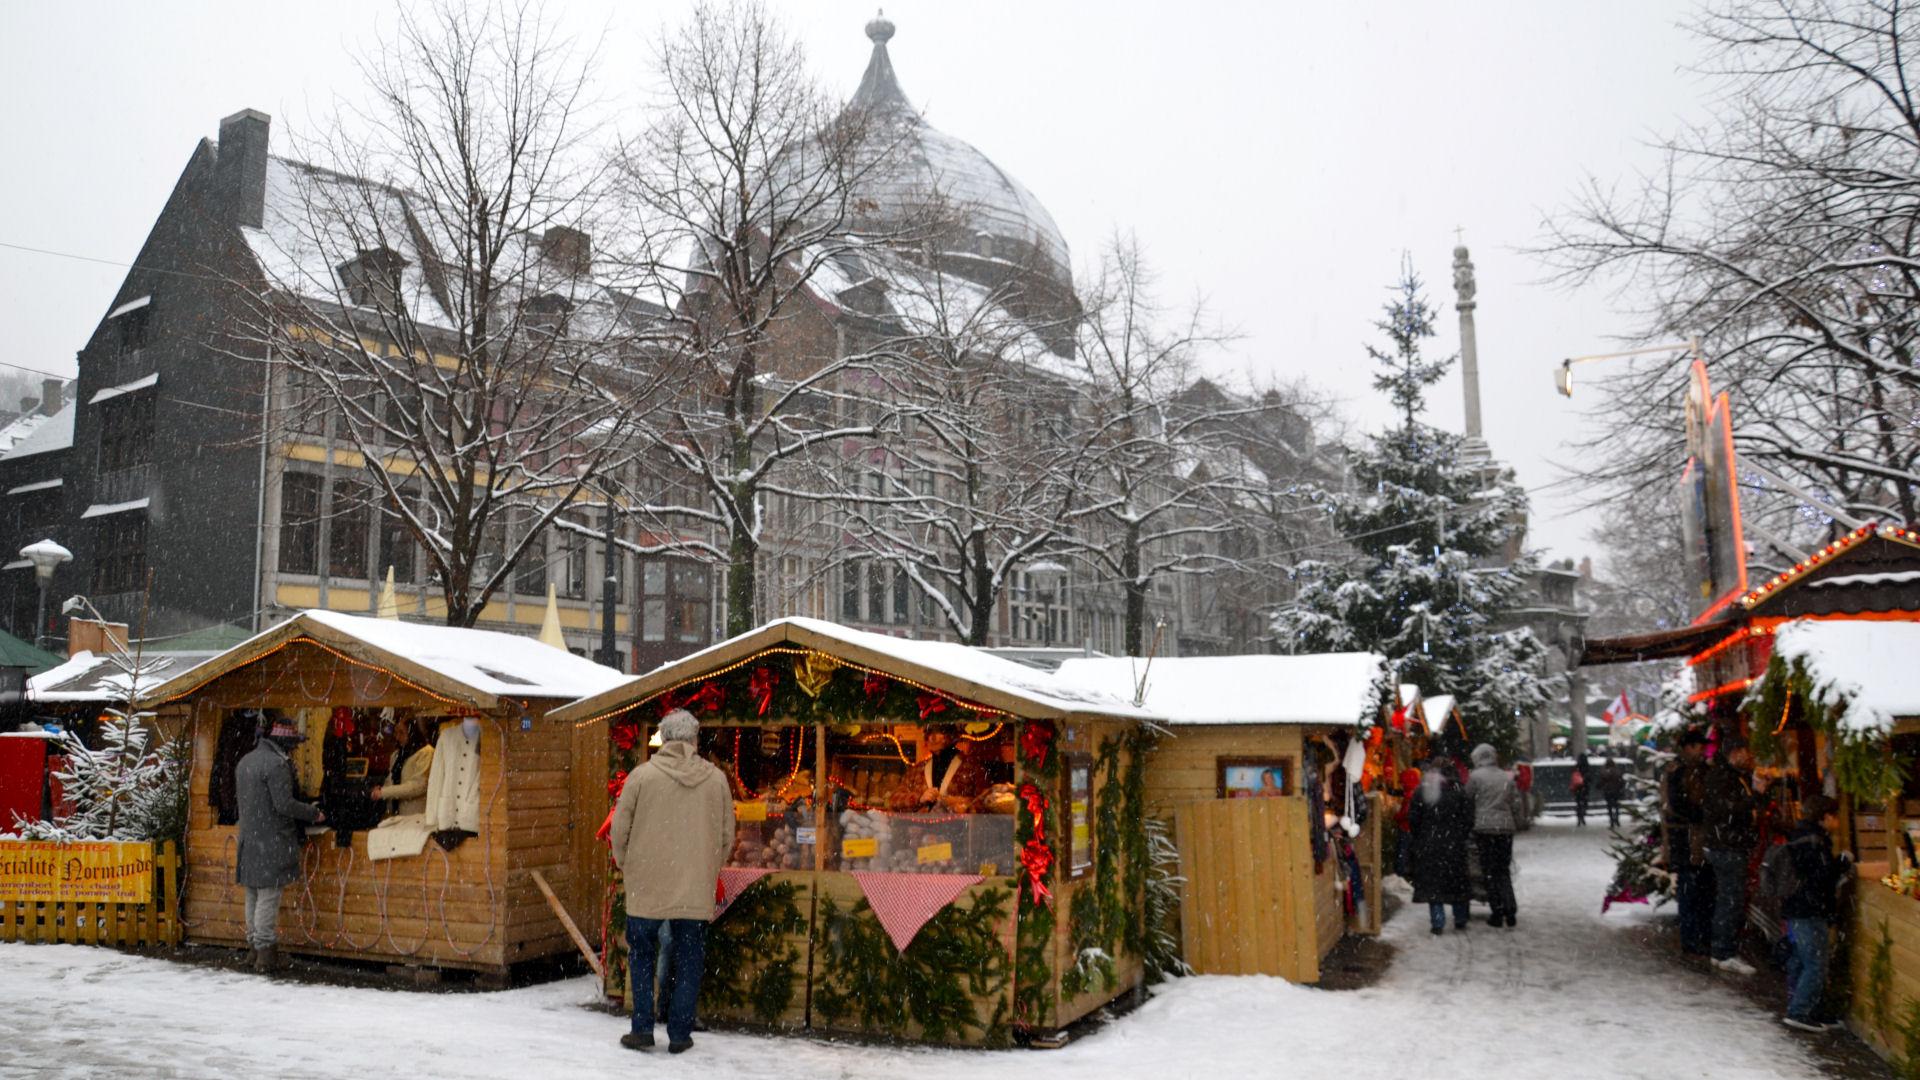 Kerstmarkt In Luik Oudste Kerstmarkt Van Belgie Ardennen Nl